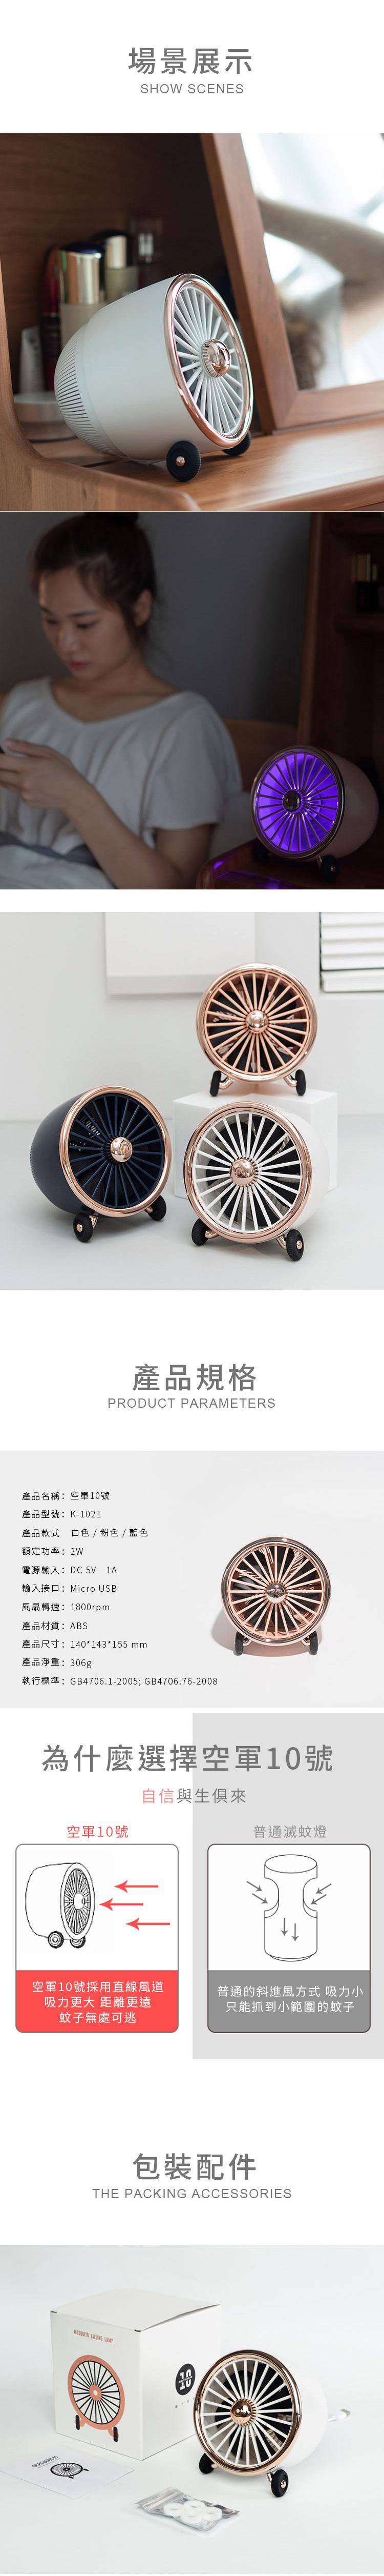 創意小物館 時尚旋風渦輪式三重功效捕蚊器 藍色